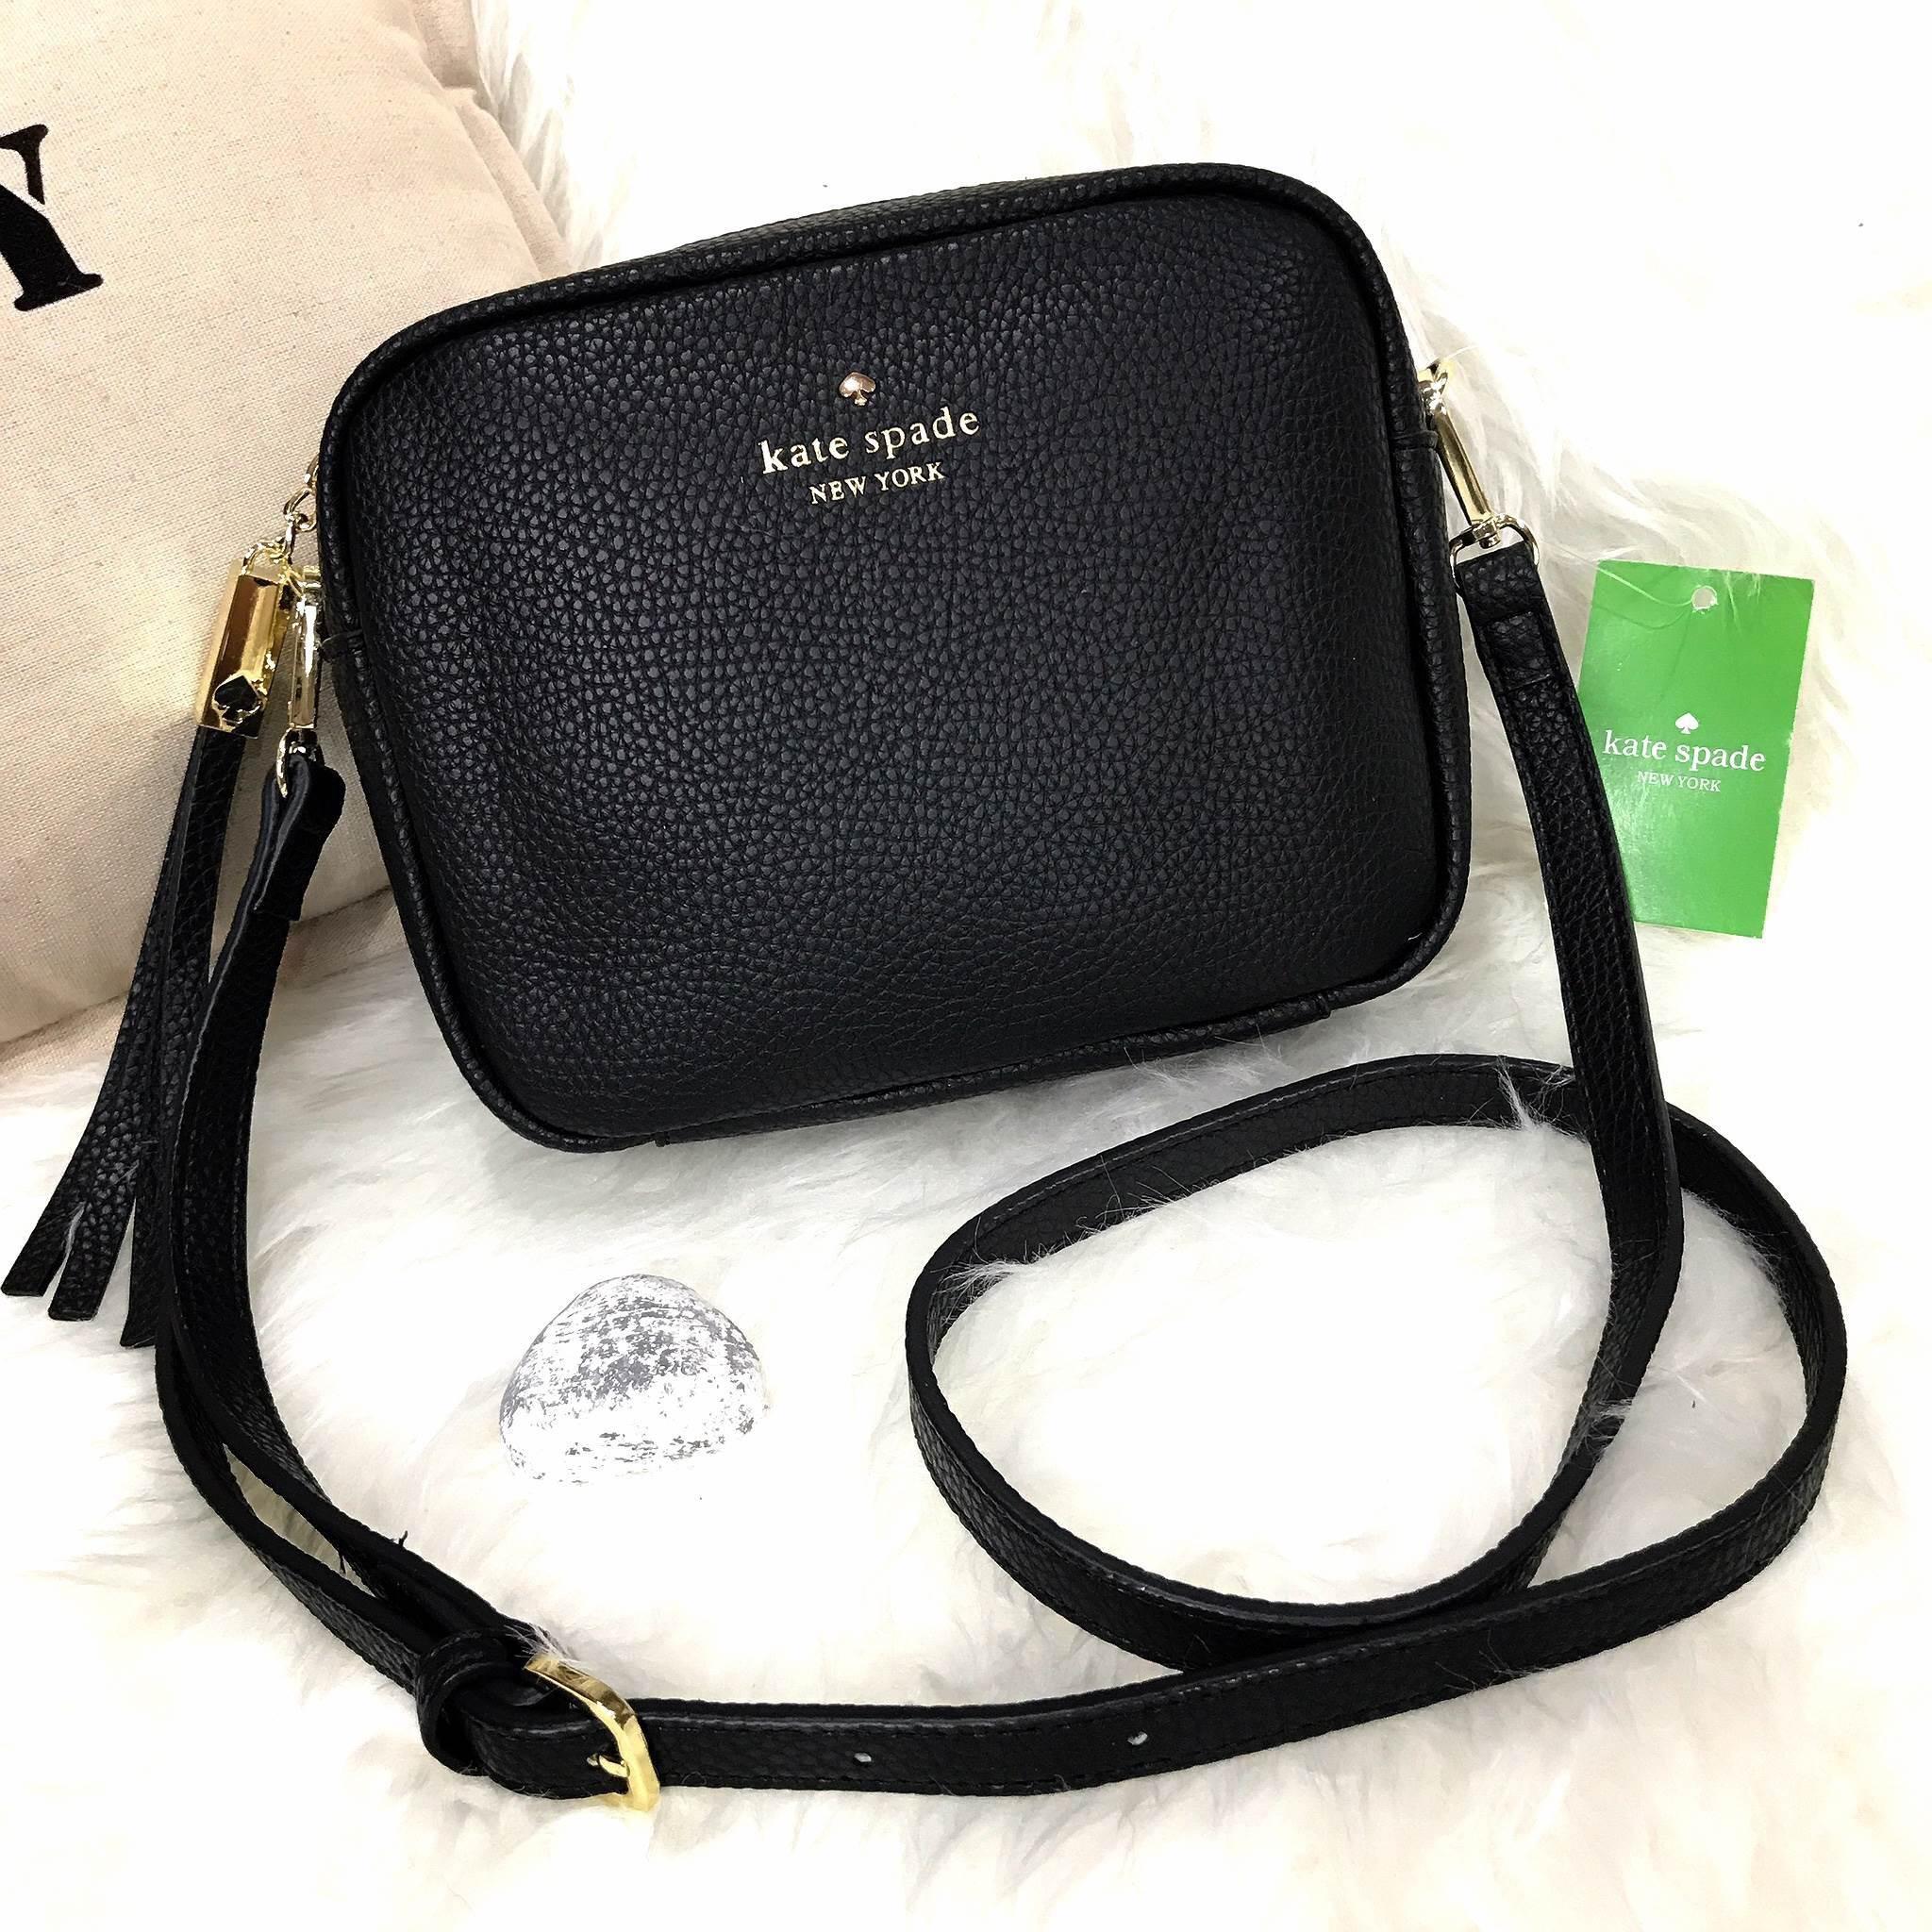 Kate Spade New York Outlet Mini Leather Shoulder Bag